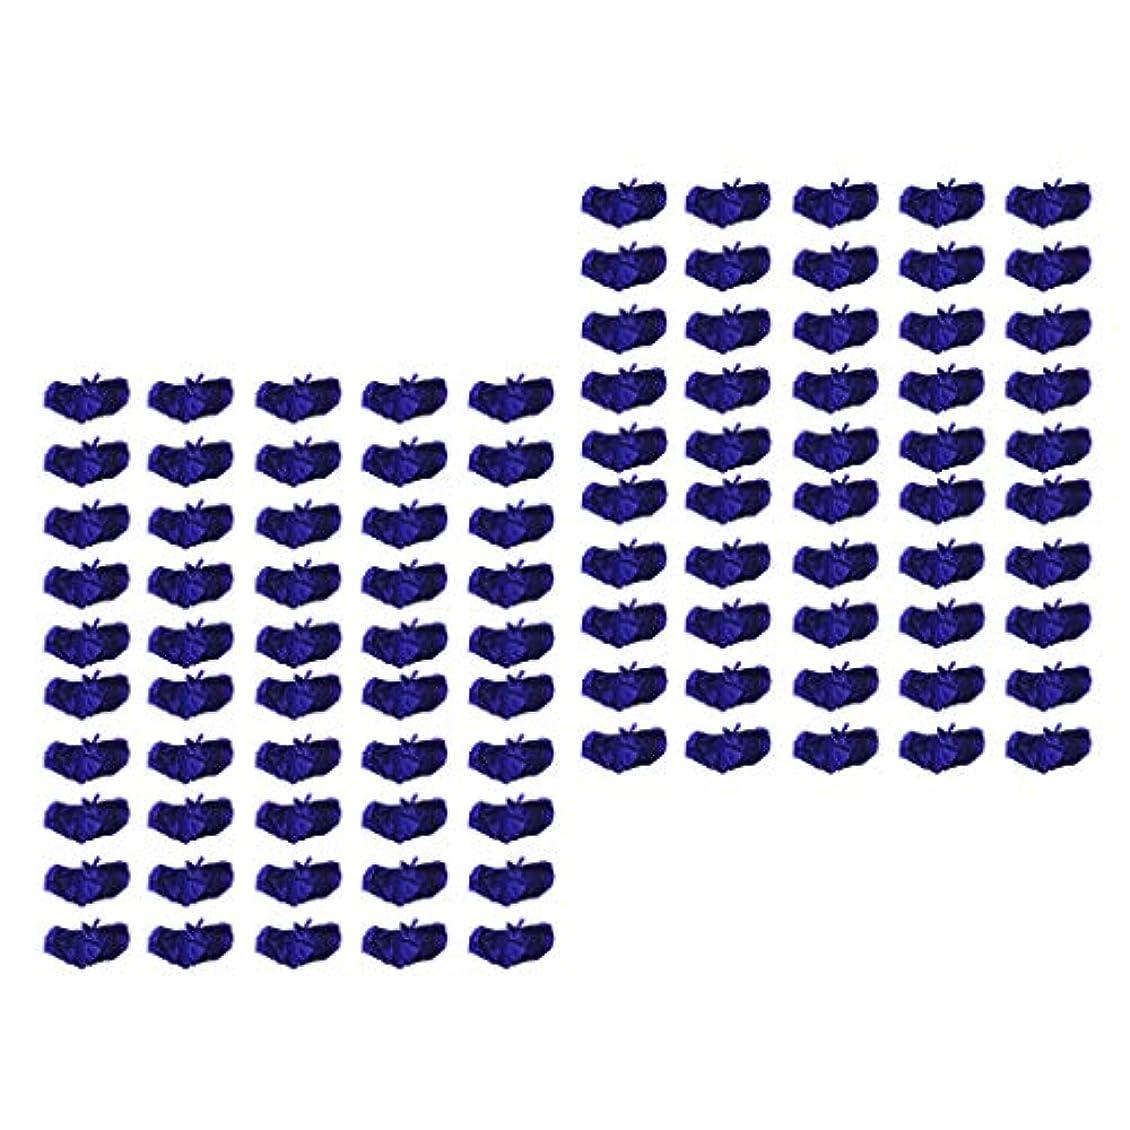 ブロック効率的アラビア語dailymall 使い捨て ブラジャー ブラ エステ 旅行 入院 介護 防災グッズ マッサージ店 業務用